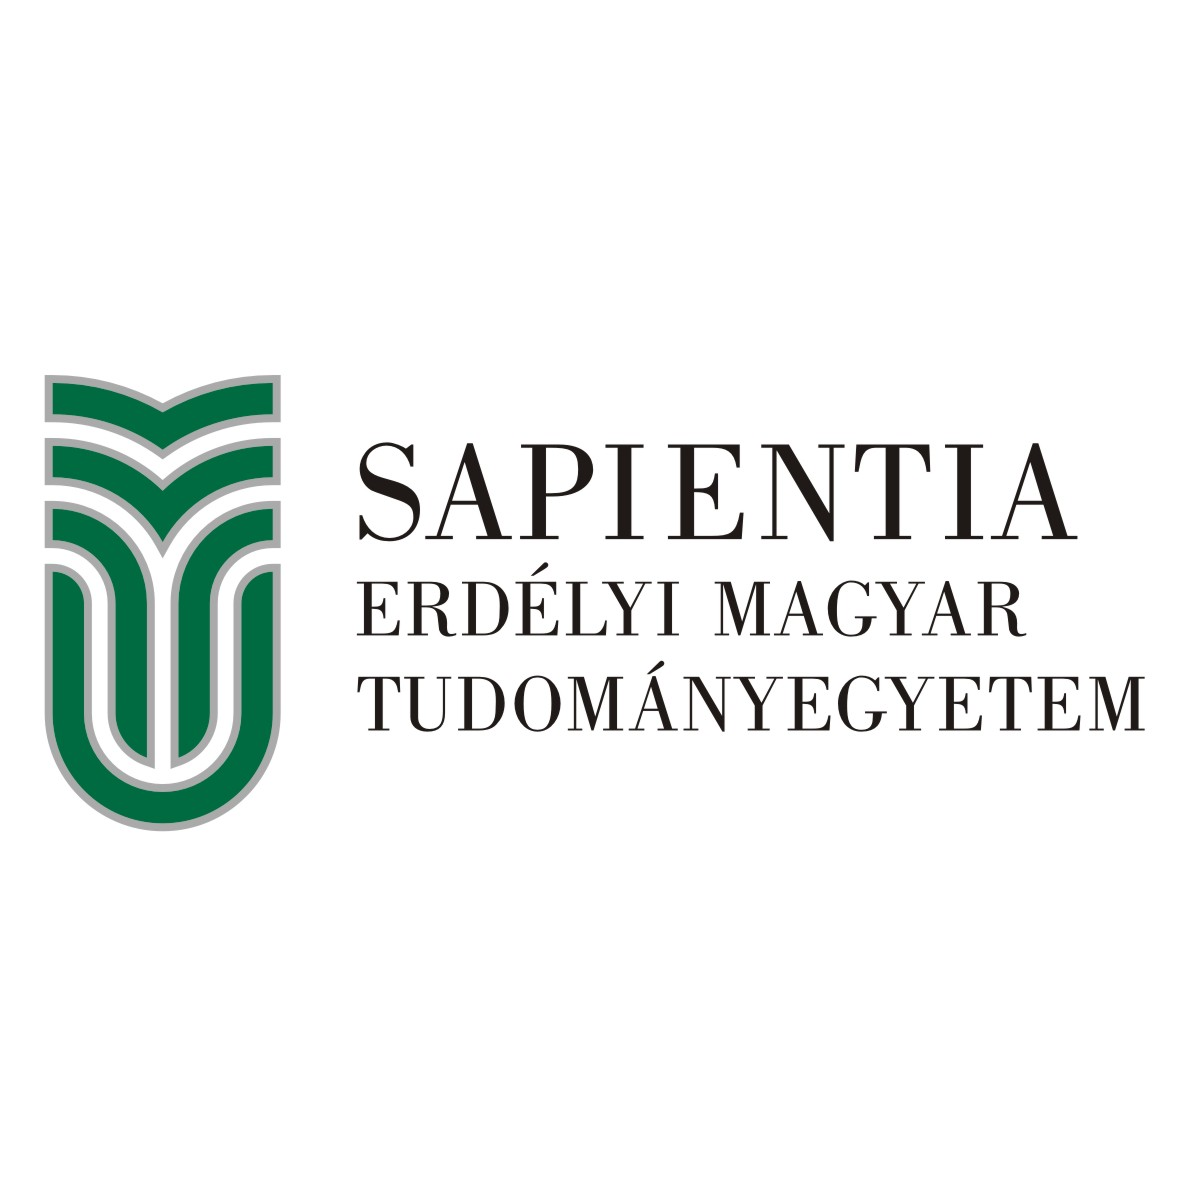 sapientia-logo-hu-600px